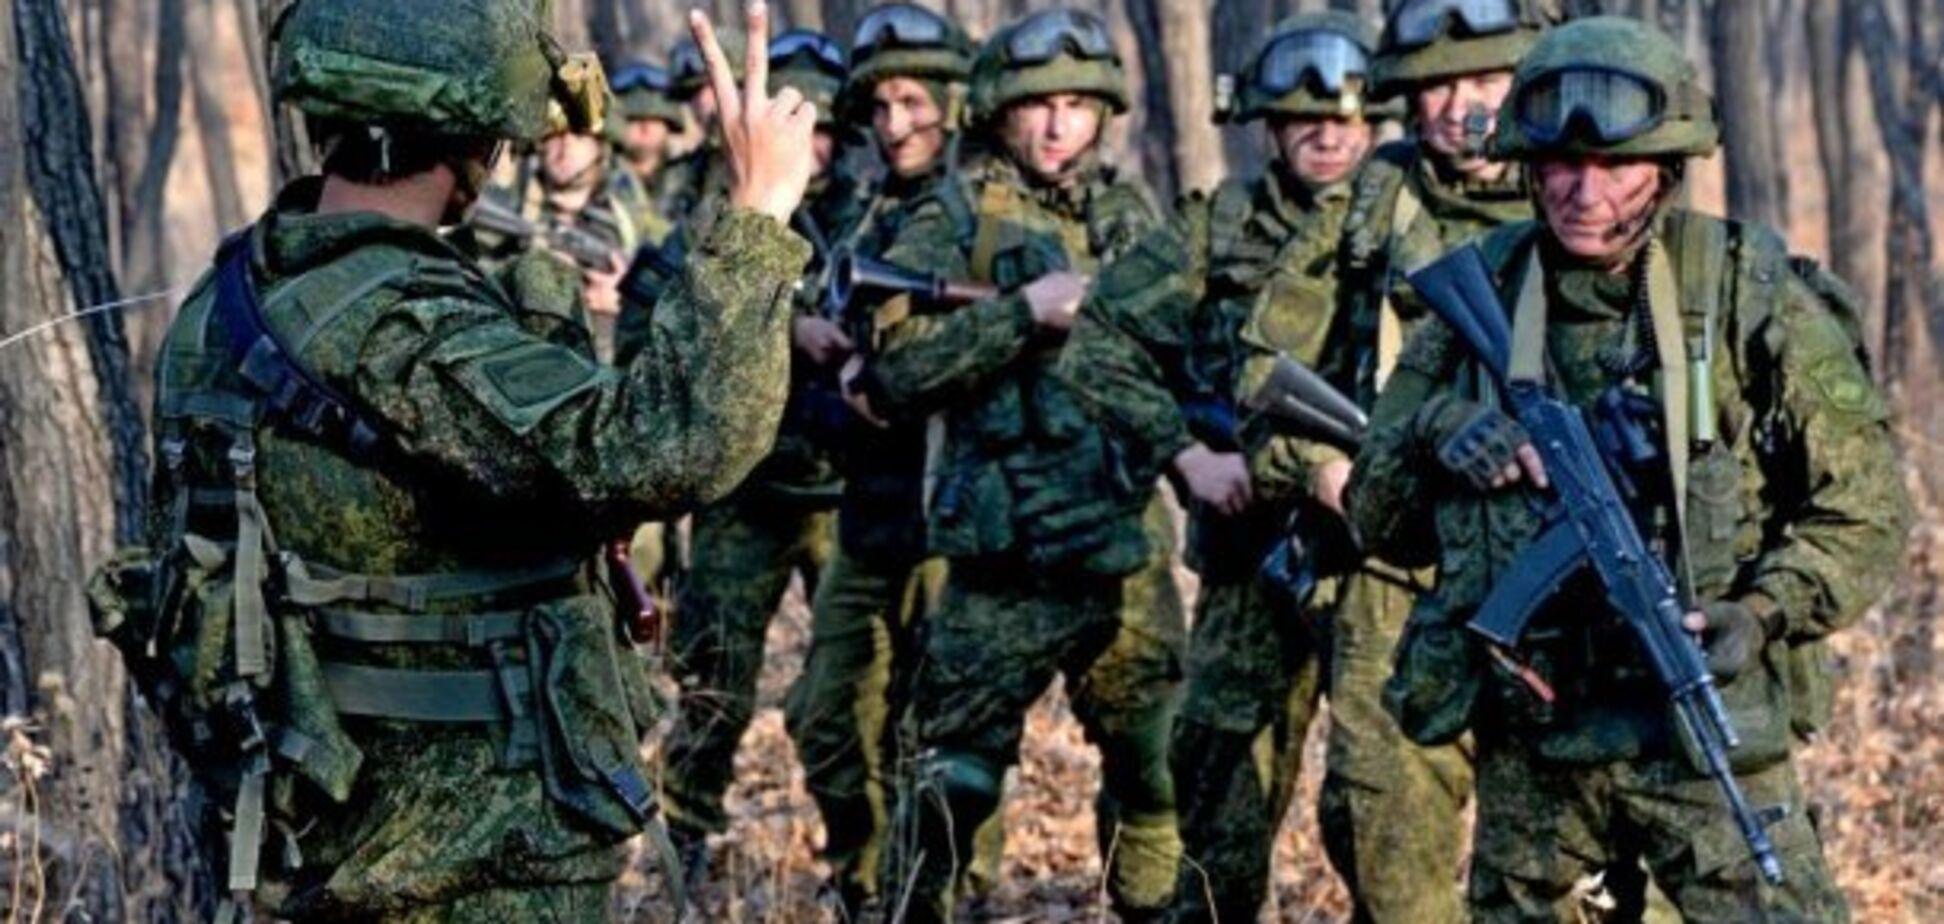 В Крыму устроили отбор наемников в ЧВК ''Вагнера'': названа страна-цель